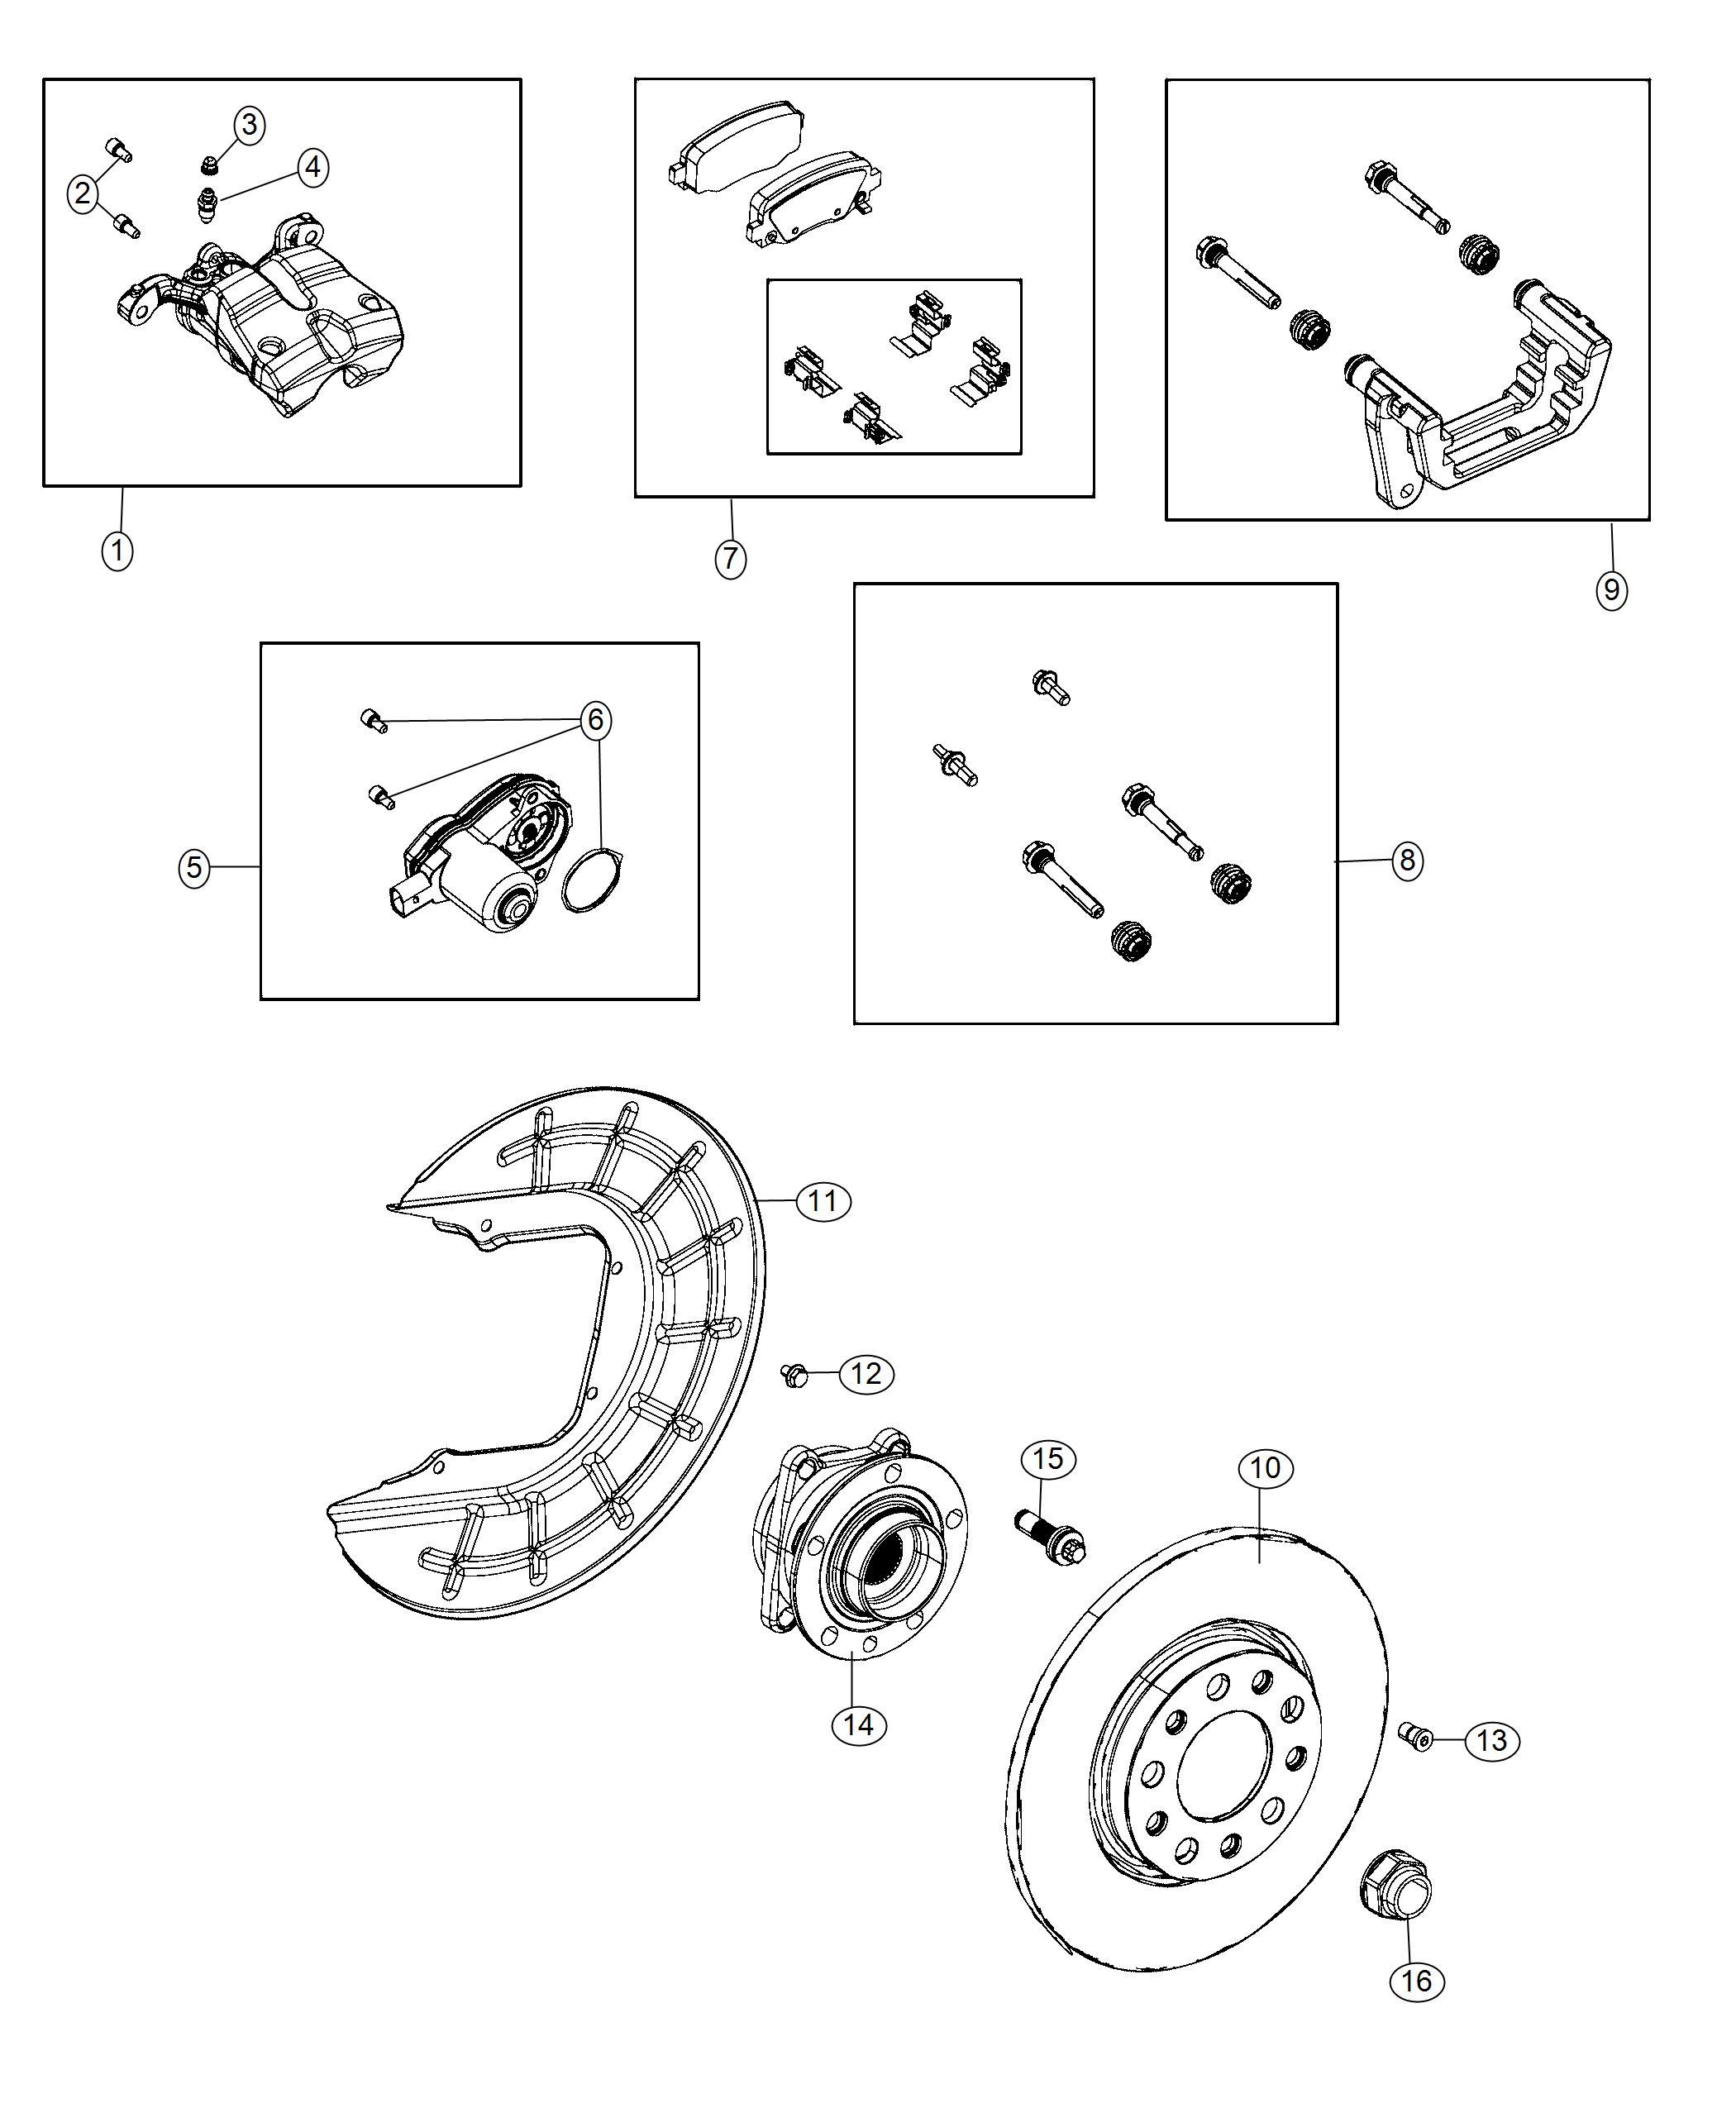 Jeep Rear Drum Brakes Diagram Wiring Schematics